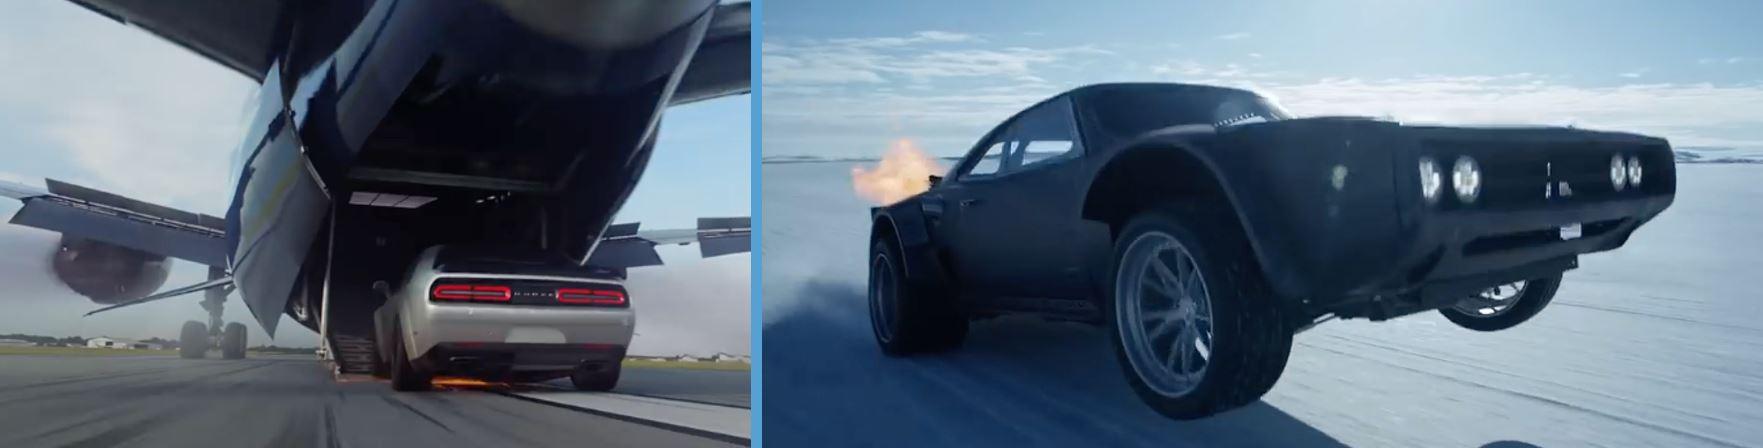 Dodge - F8